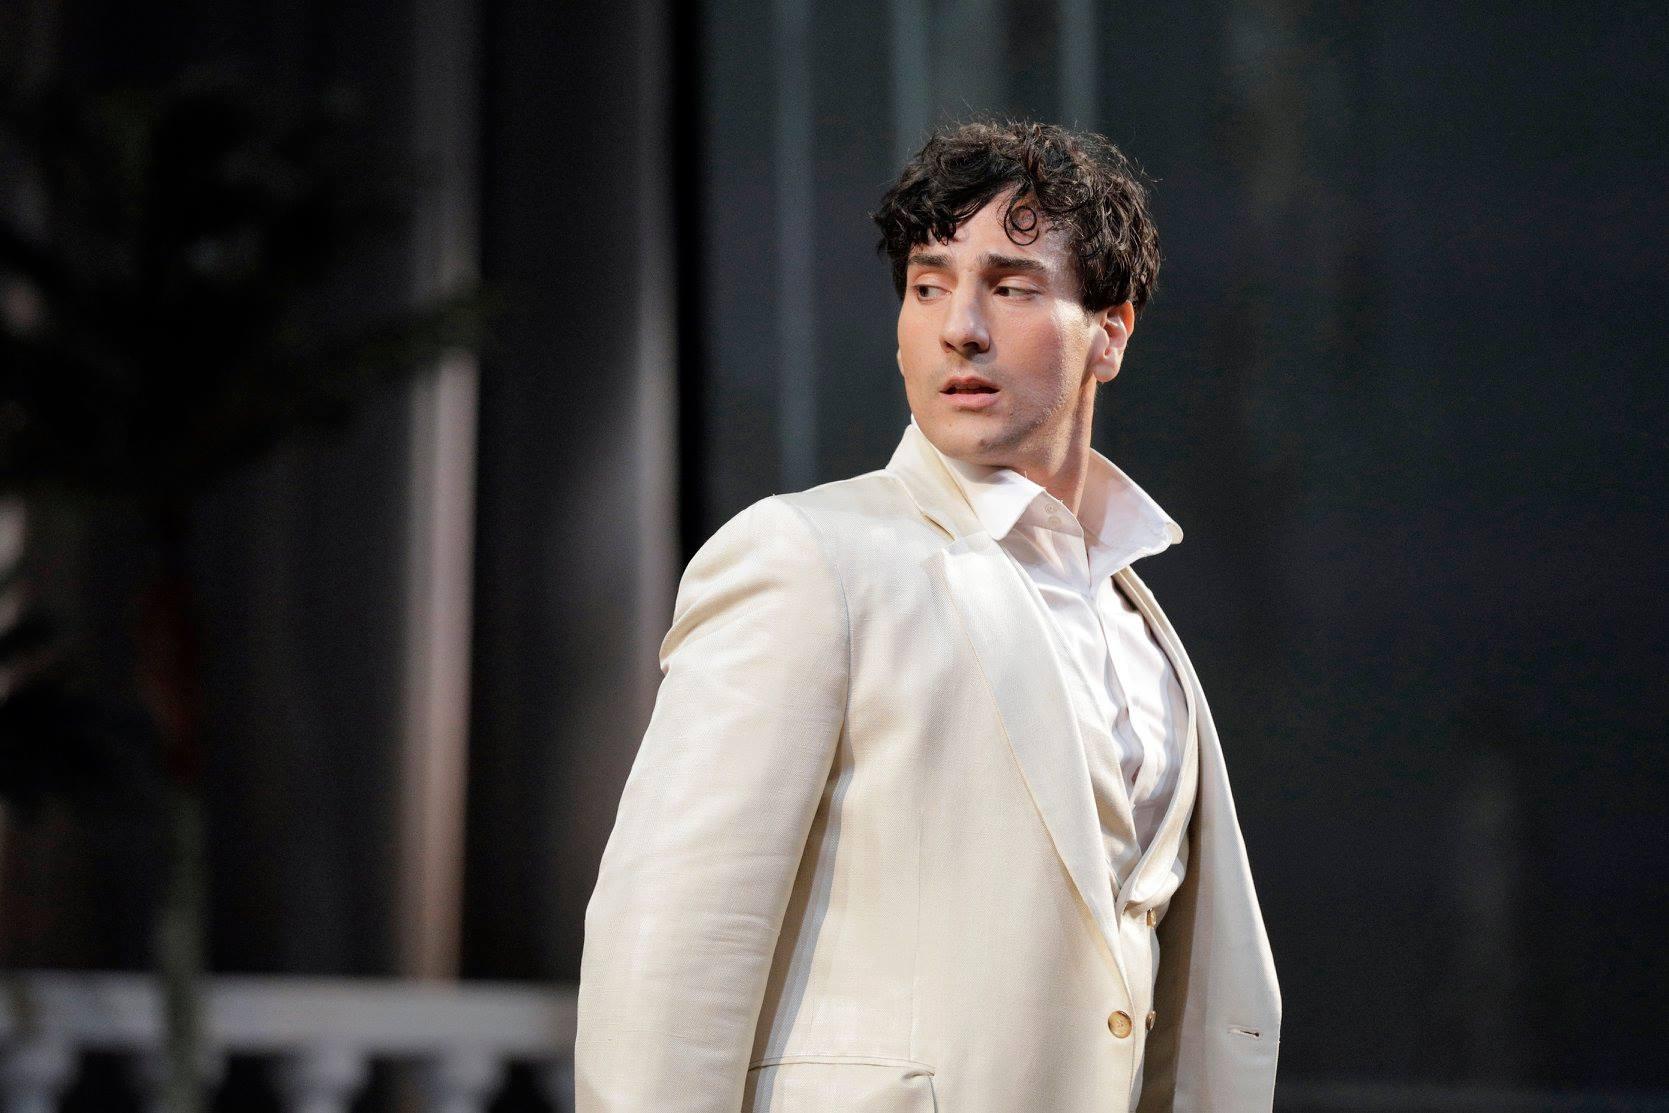 Leonardo Capalbo as Ruggero in Puccini's  La rondine